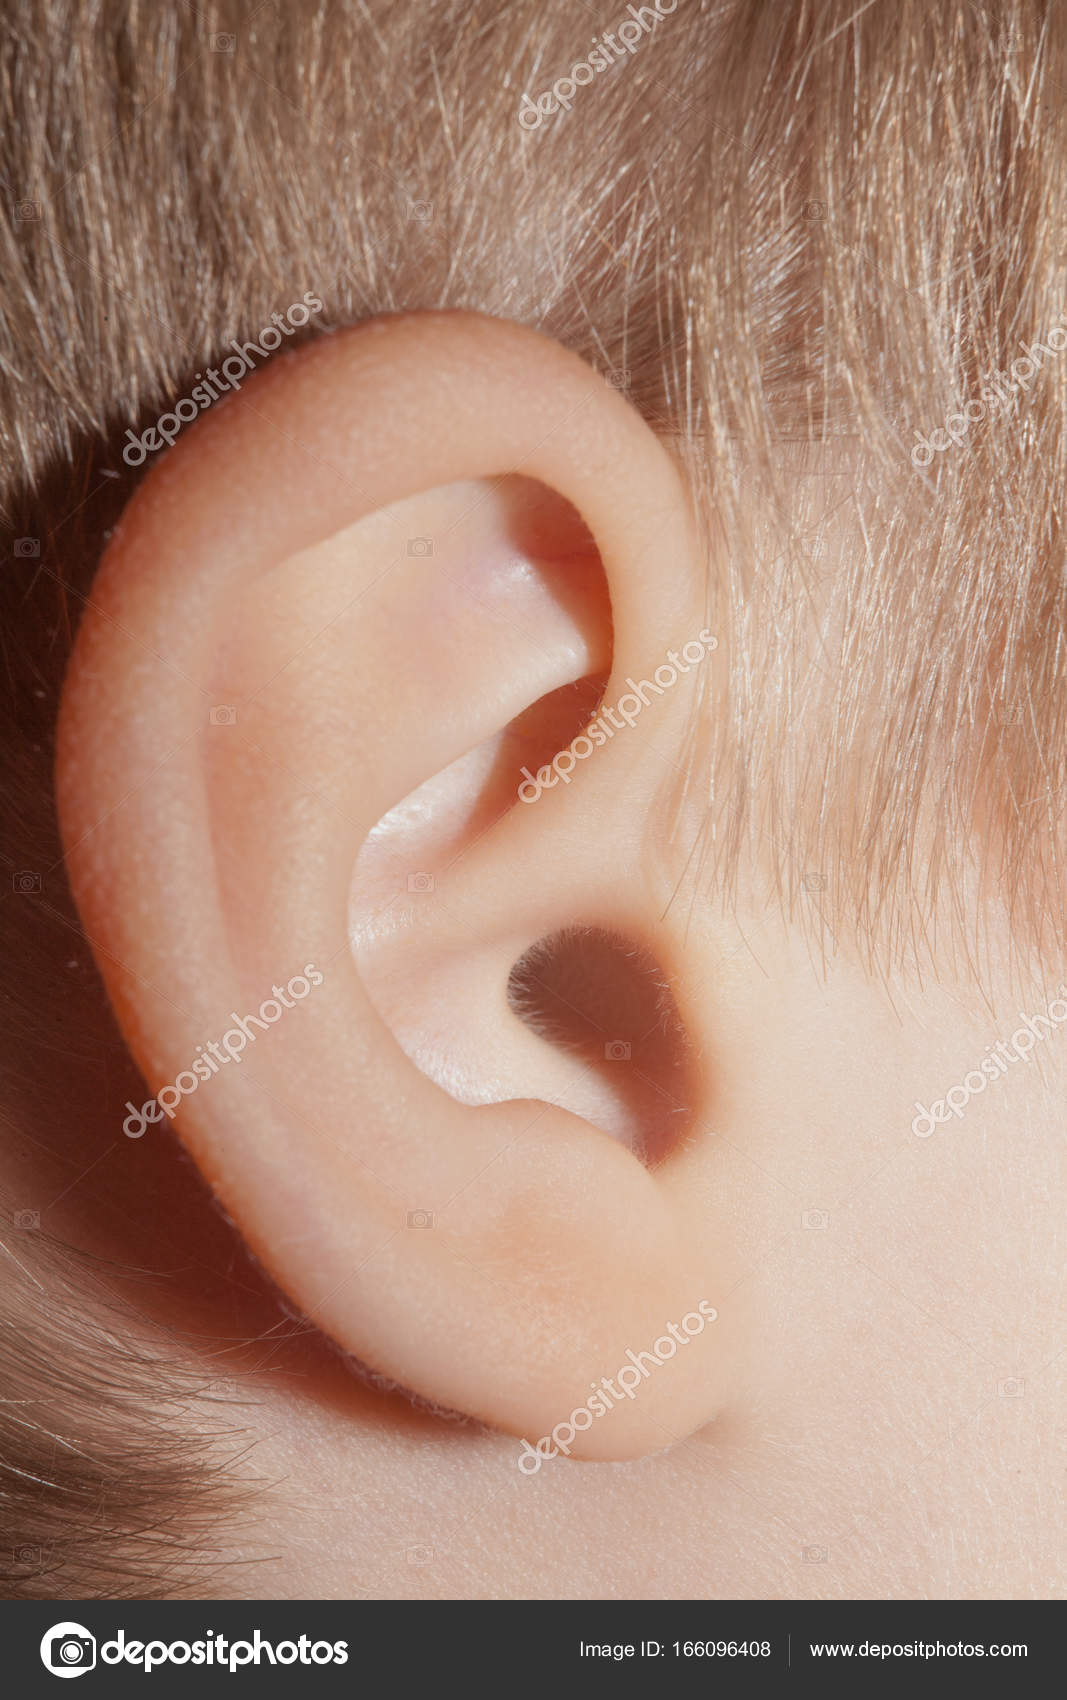 Menschliche Ohr, Körperteile, Anatomie, Nahaufnahme — Stockfoto ...